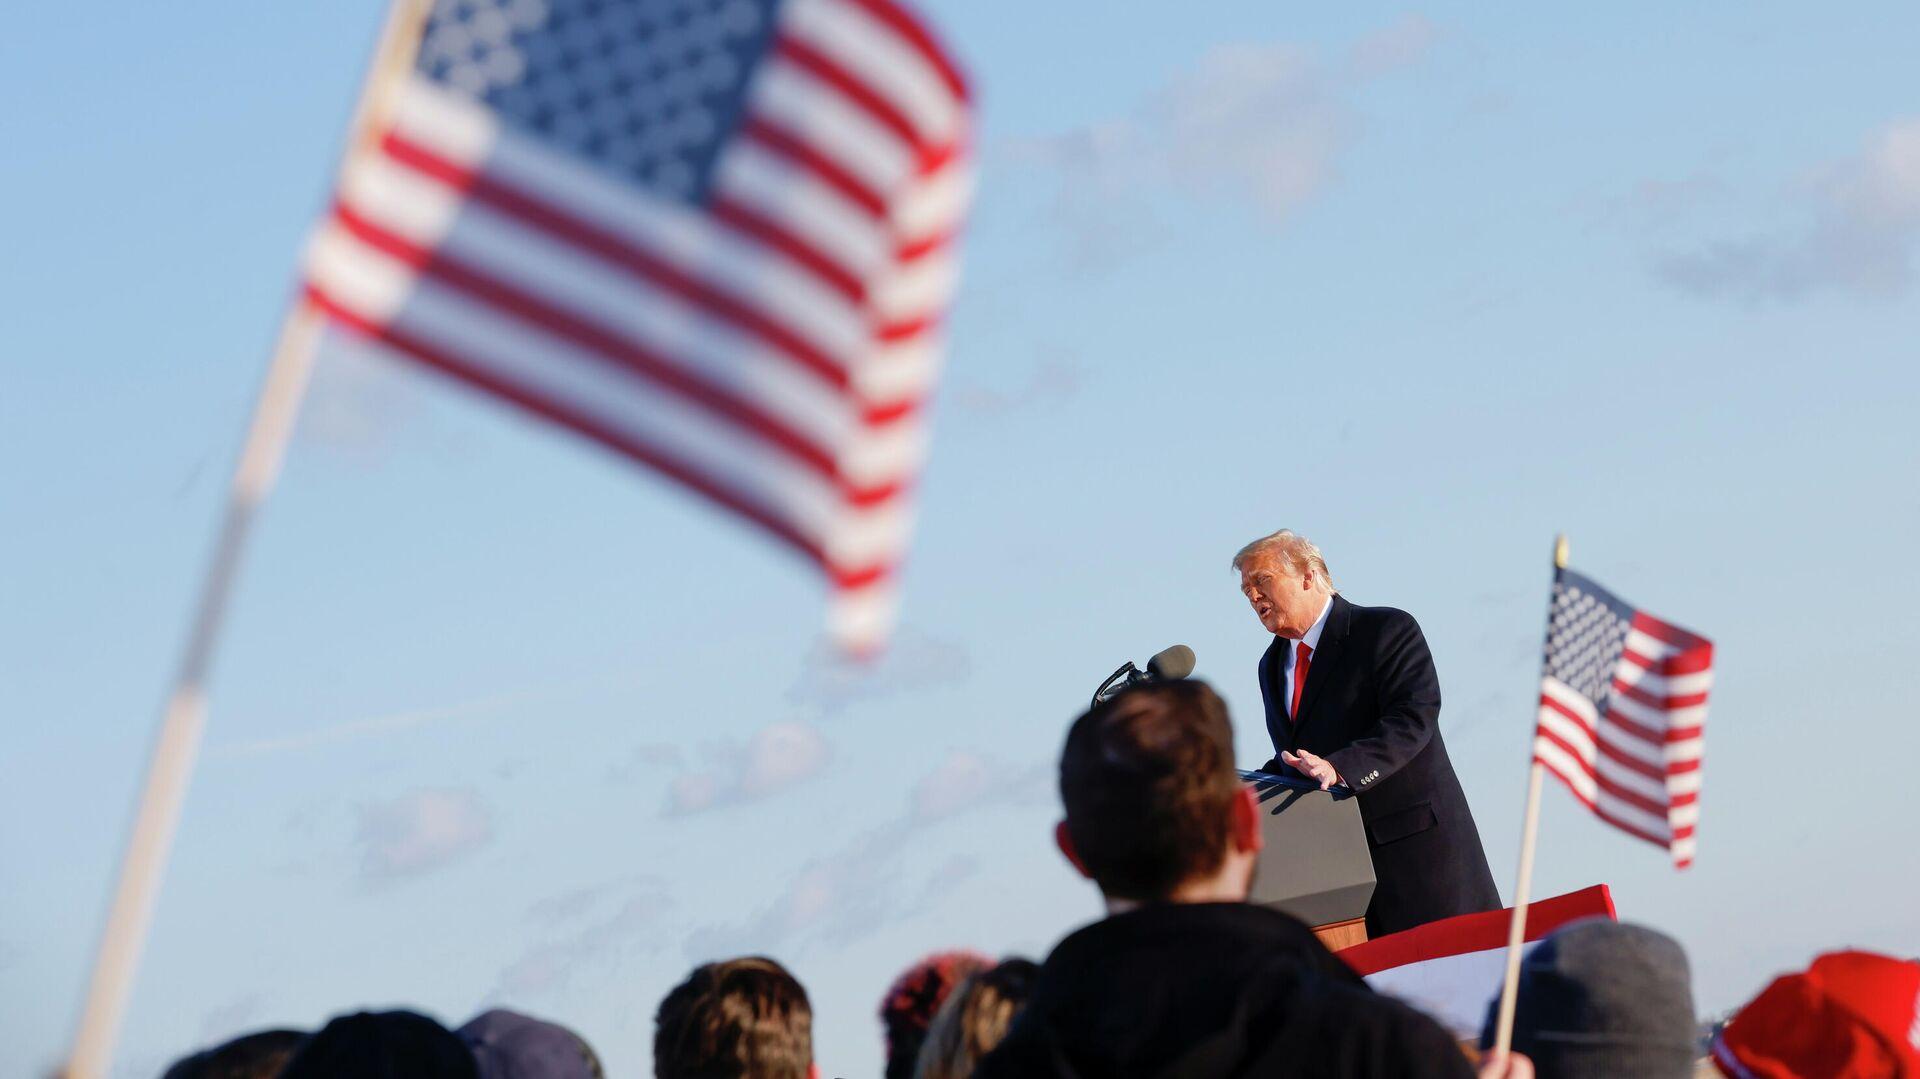 Президент США Дональд Трамп во время выступления на базе Эндрюс, штат Мэриленд - РИА Новости, 1920, 28.01.2021